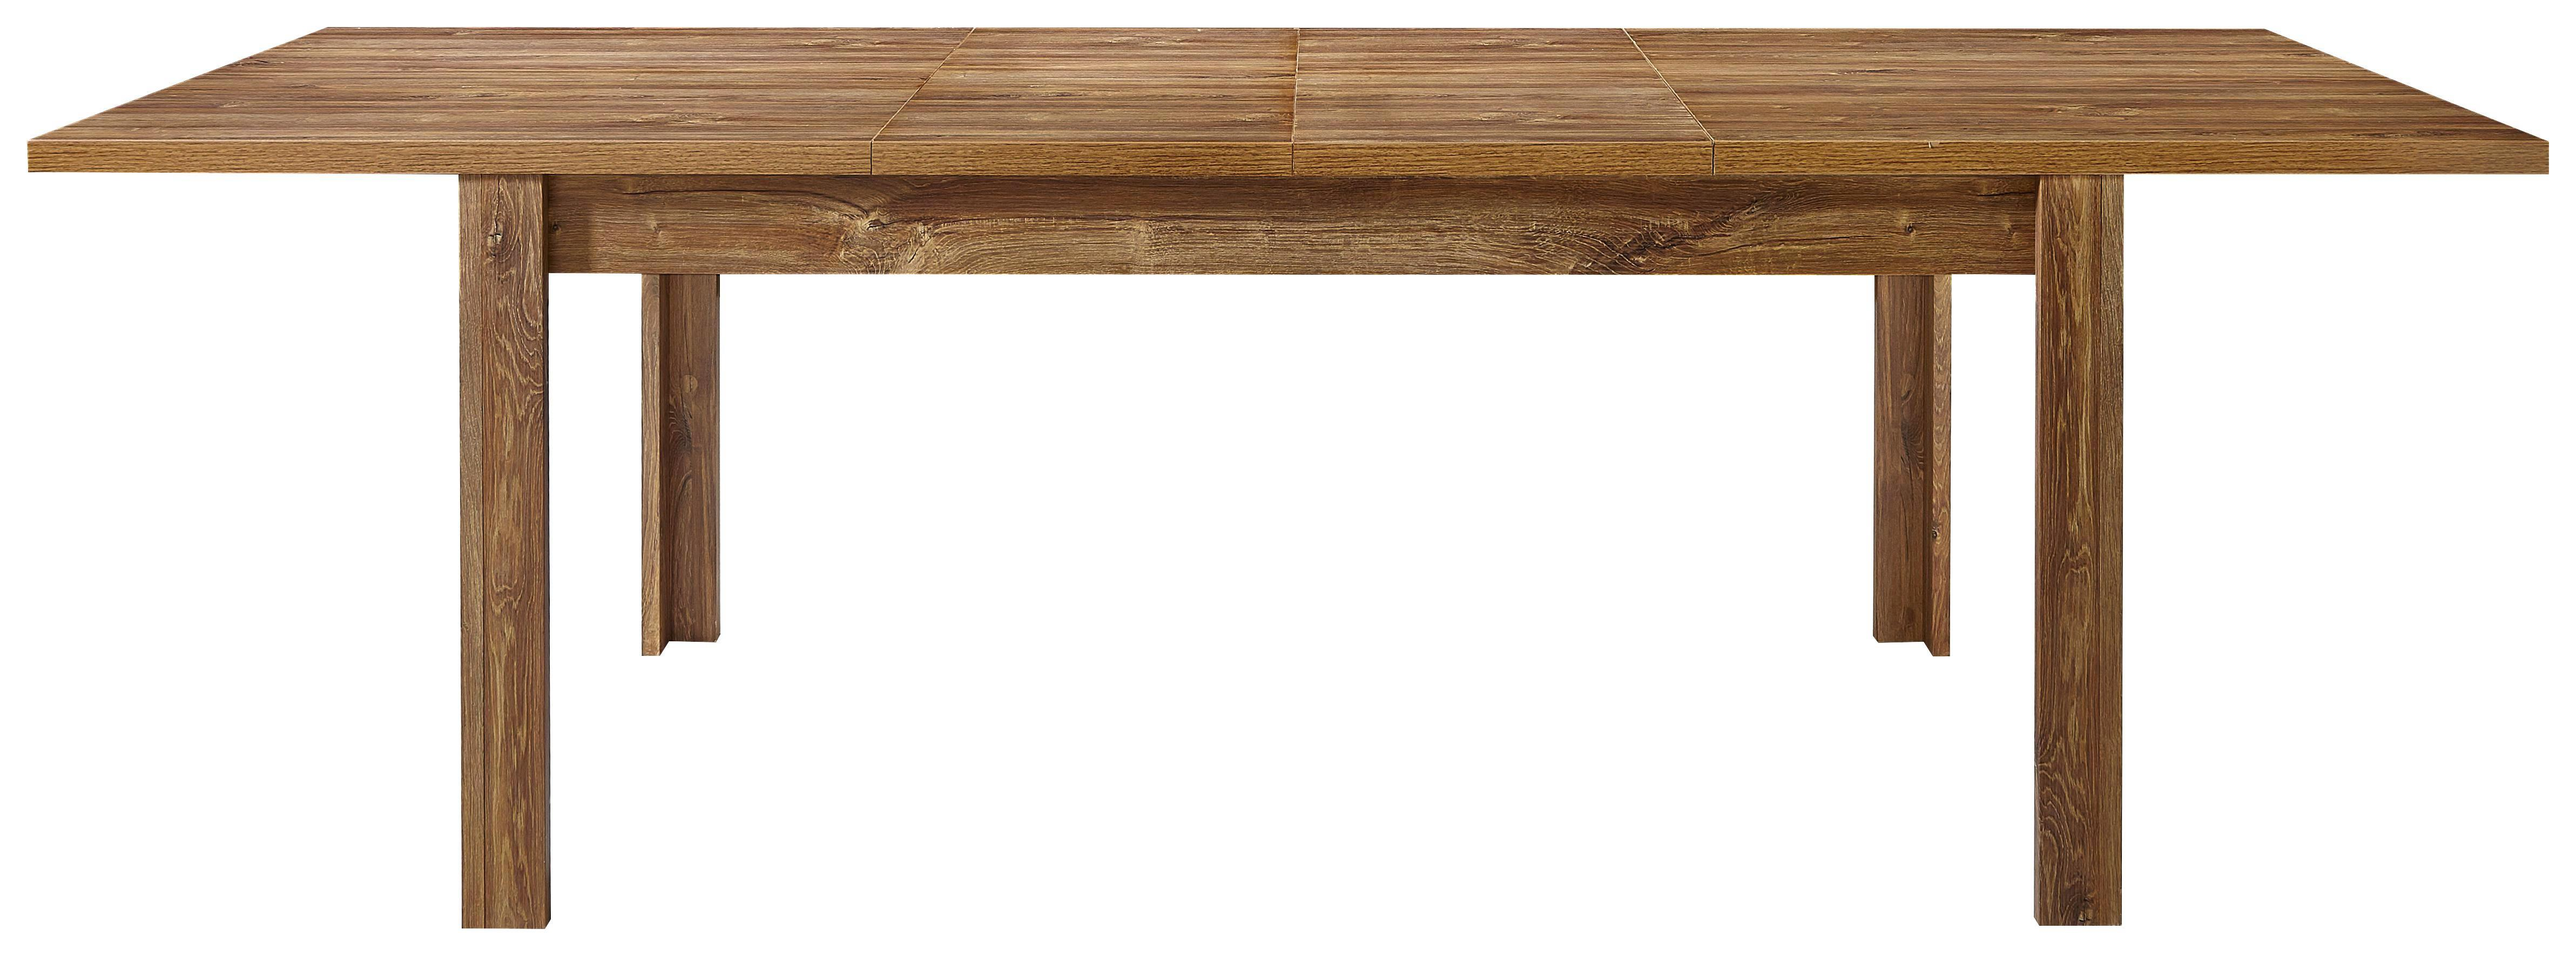 ... Coole Dekoration Tisch Bank Stuhl #24: Esstisch In Akazie    Akaziefarben, MODERN, ...